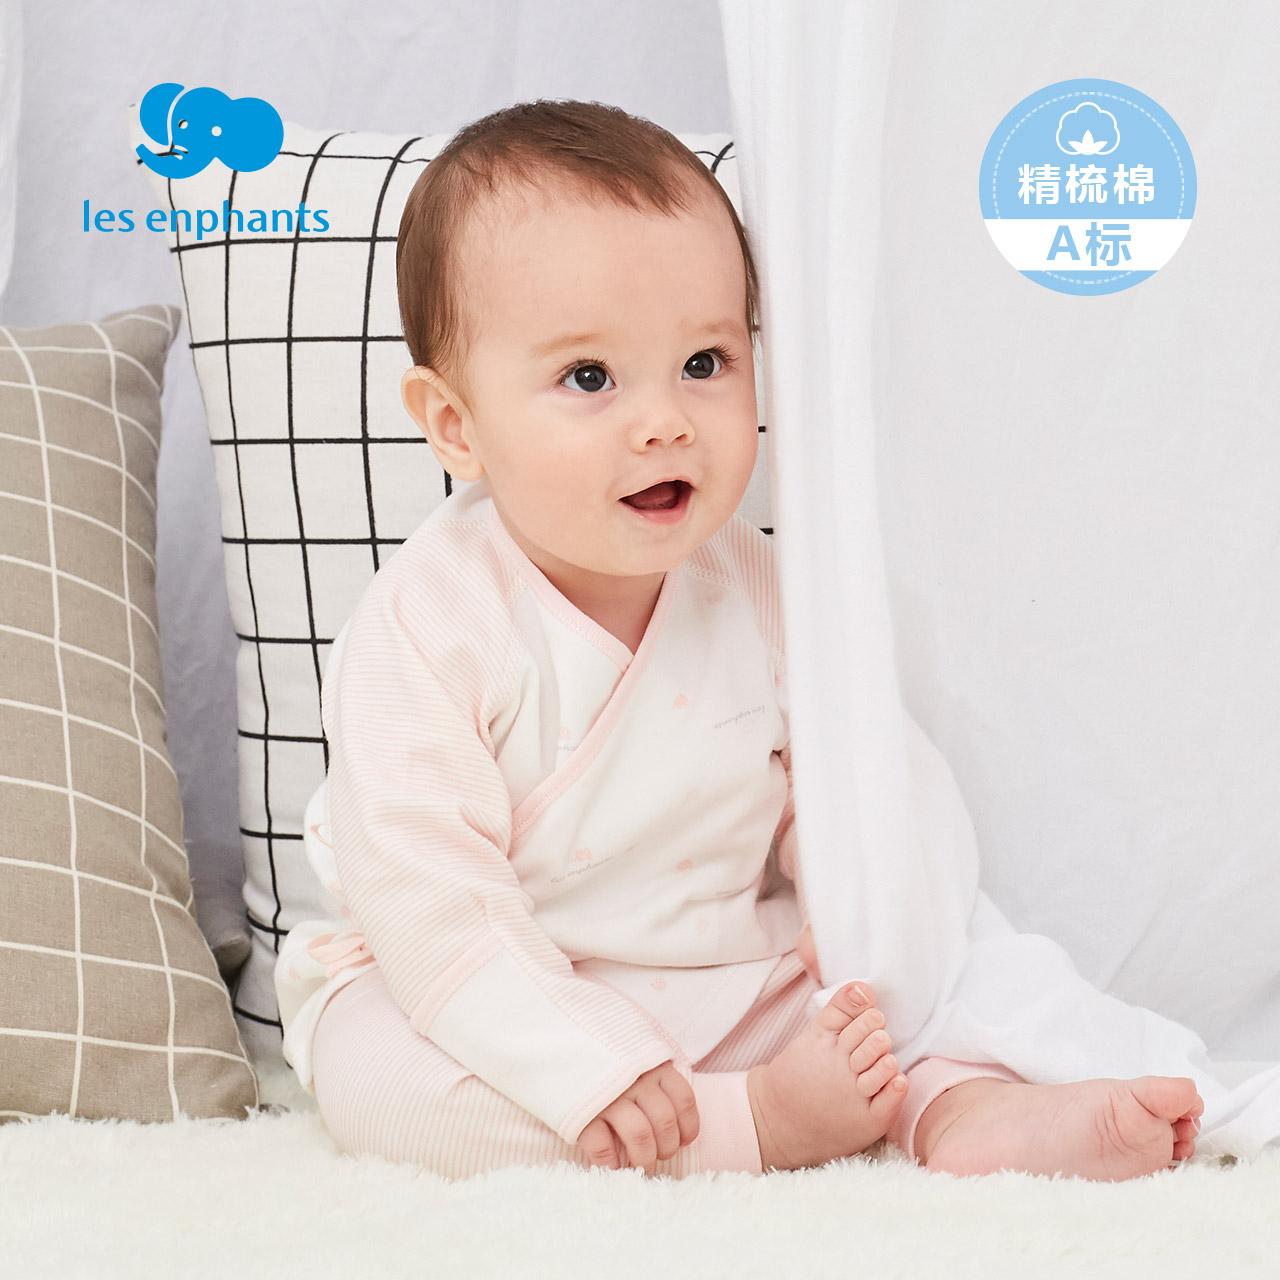 丽婴房婴儿衣服 新生儿系带内衣套装男女宝宝秋款内衣套装 2018秋